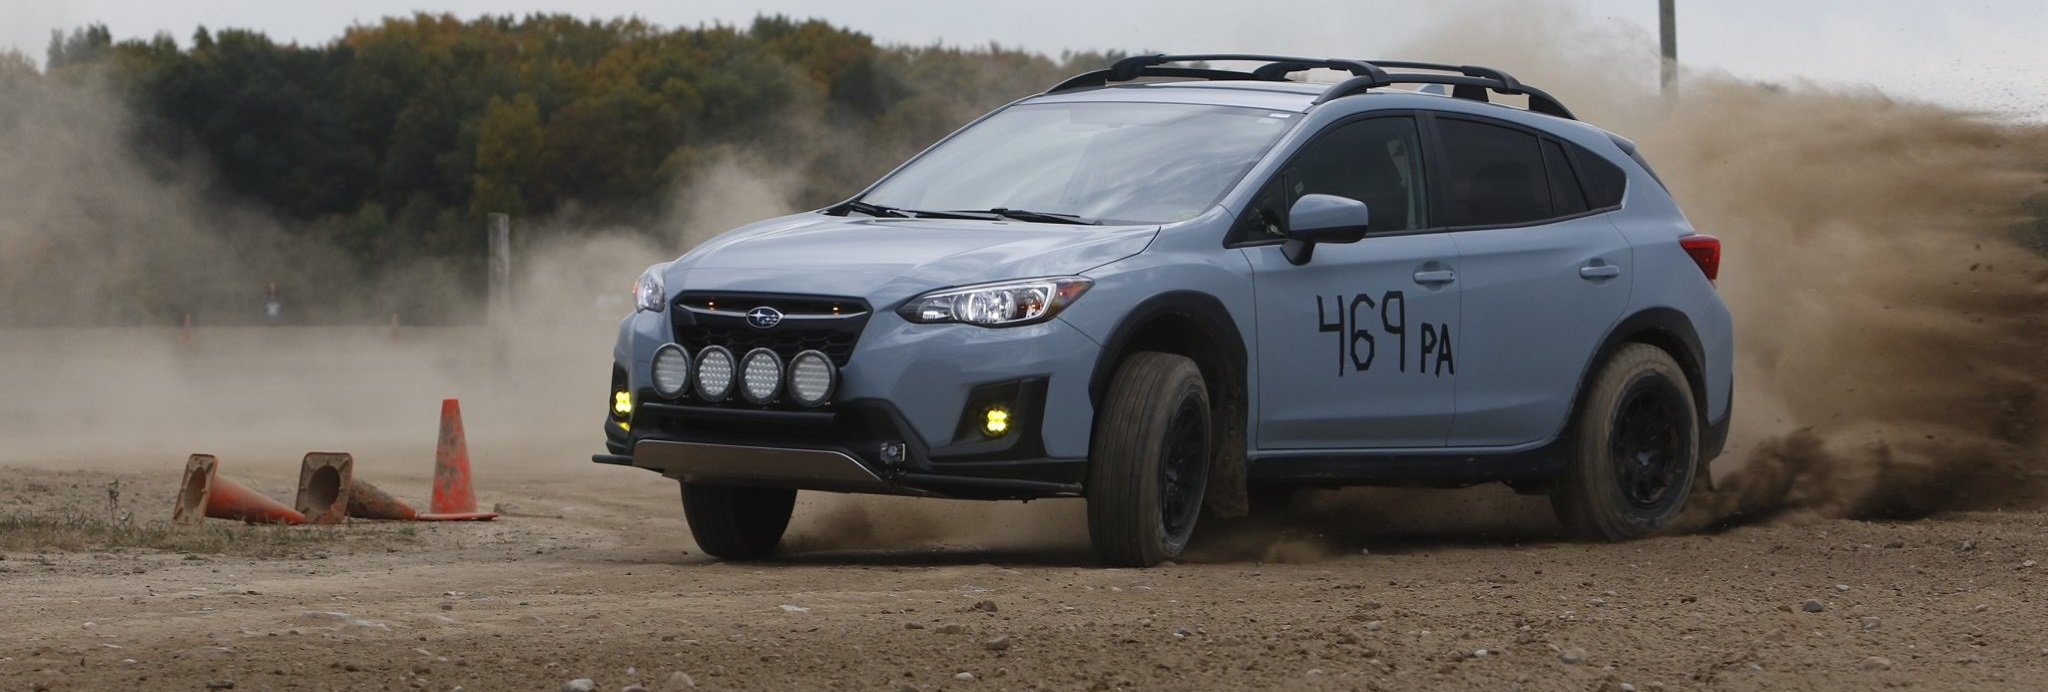 I-96 Speedway Confirms 2020 RallyCross Dates